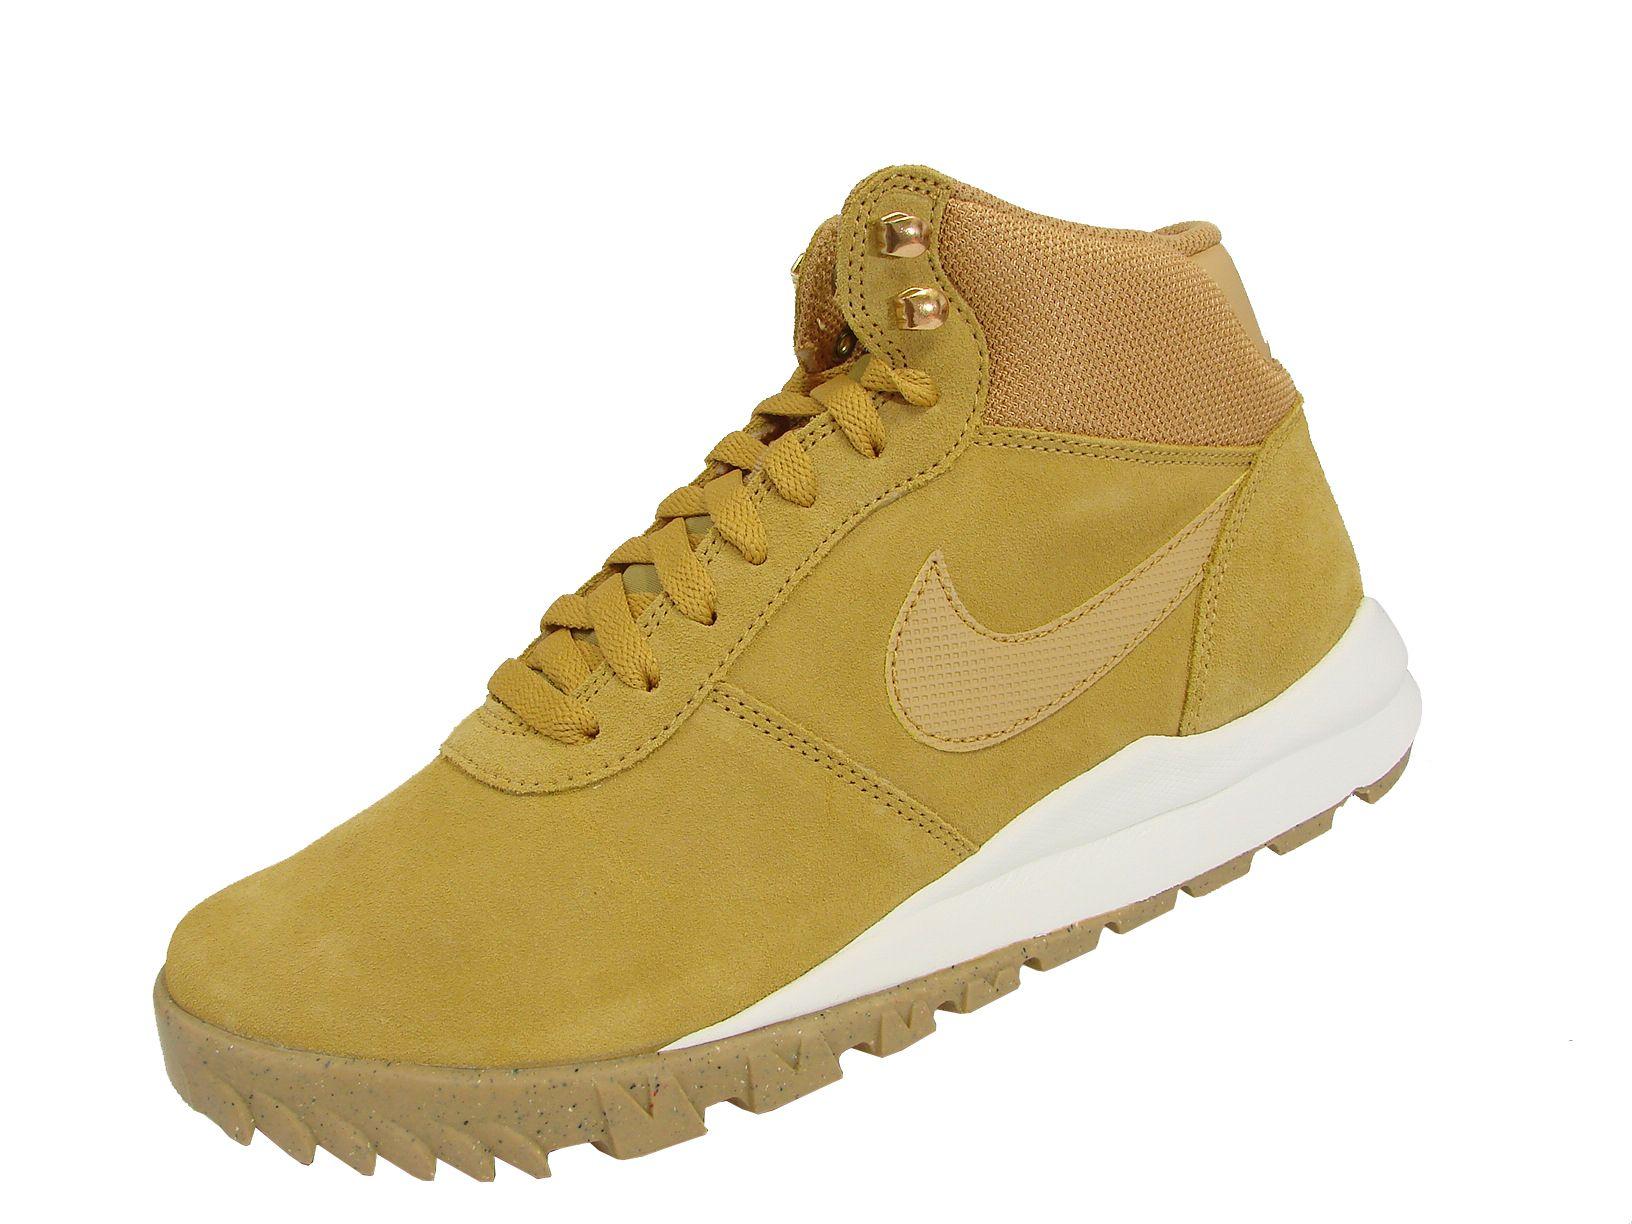 b9b63ce0c2 Buty męskie zimowe Nike Hoodland 654888-727 r 41 - 7011048787 ...